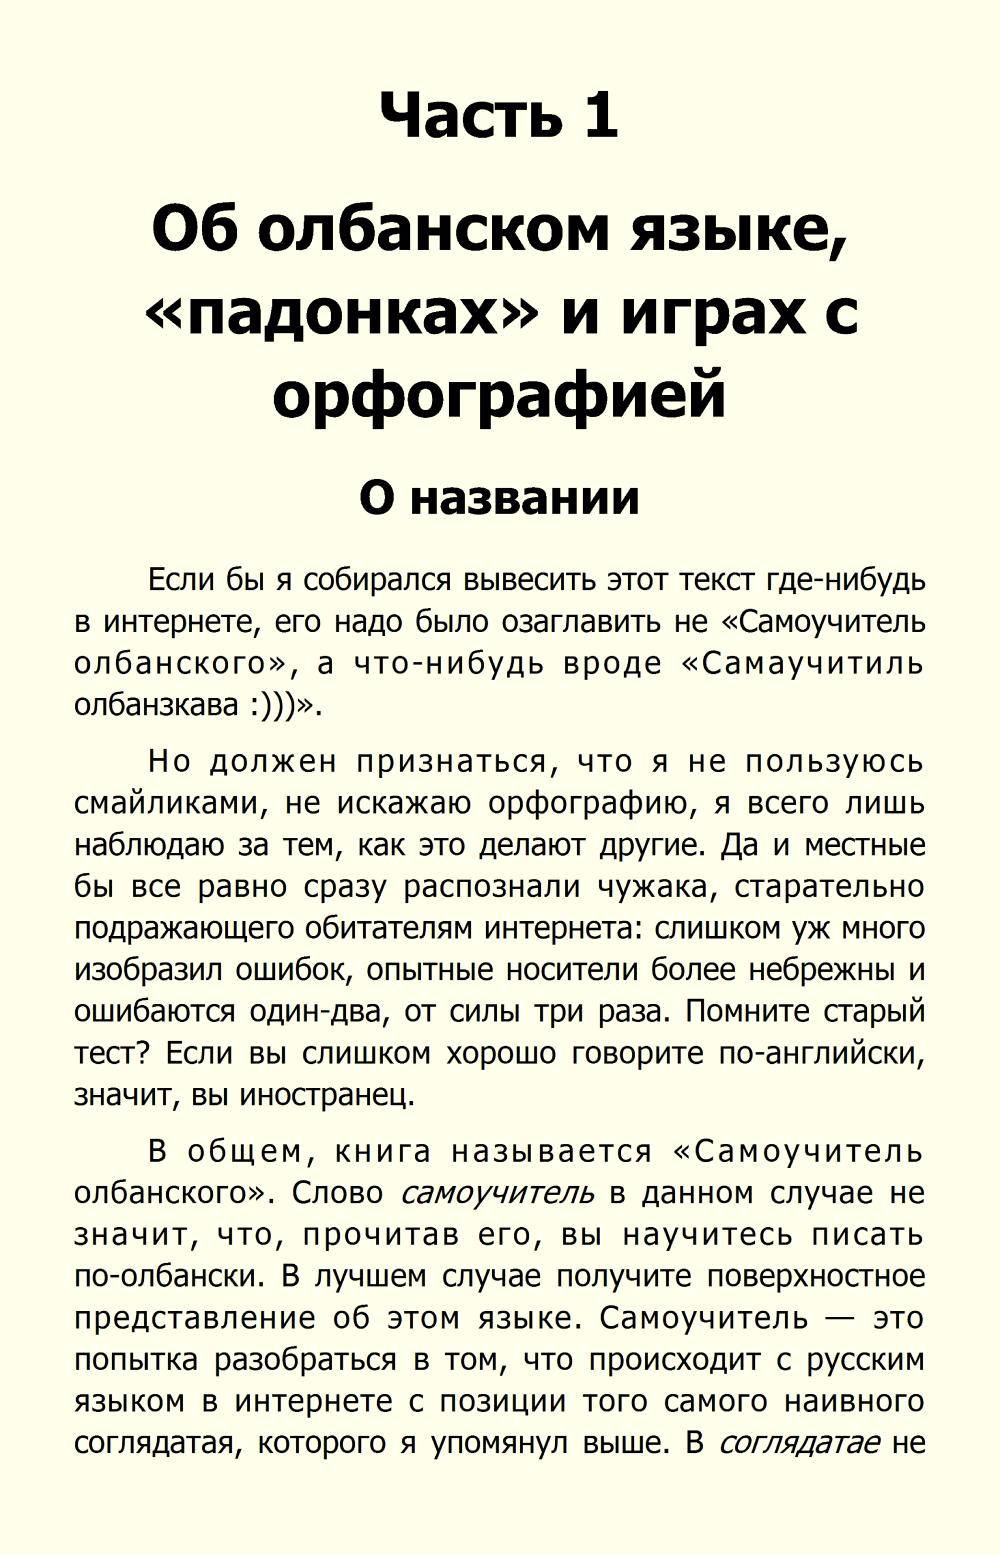 http://i5.imageban.ru/out/2013/11/27/de3120e351048c8256975376b8843348.jpg